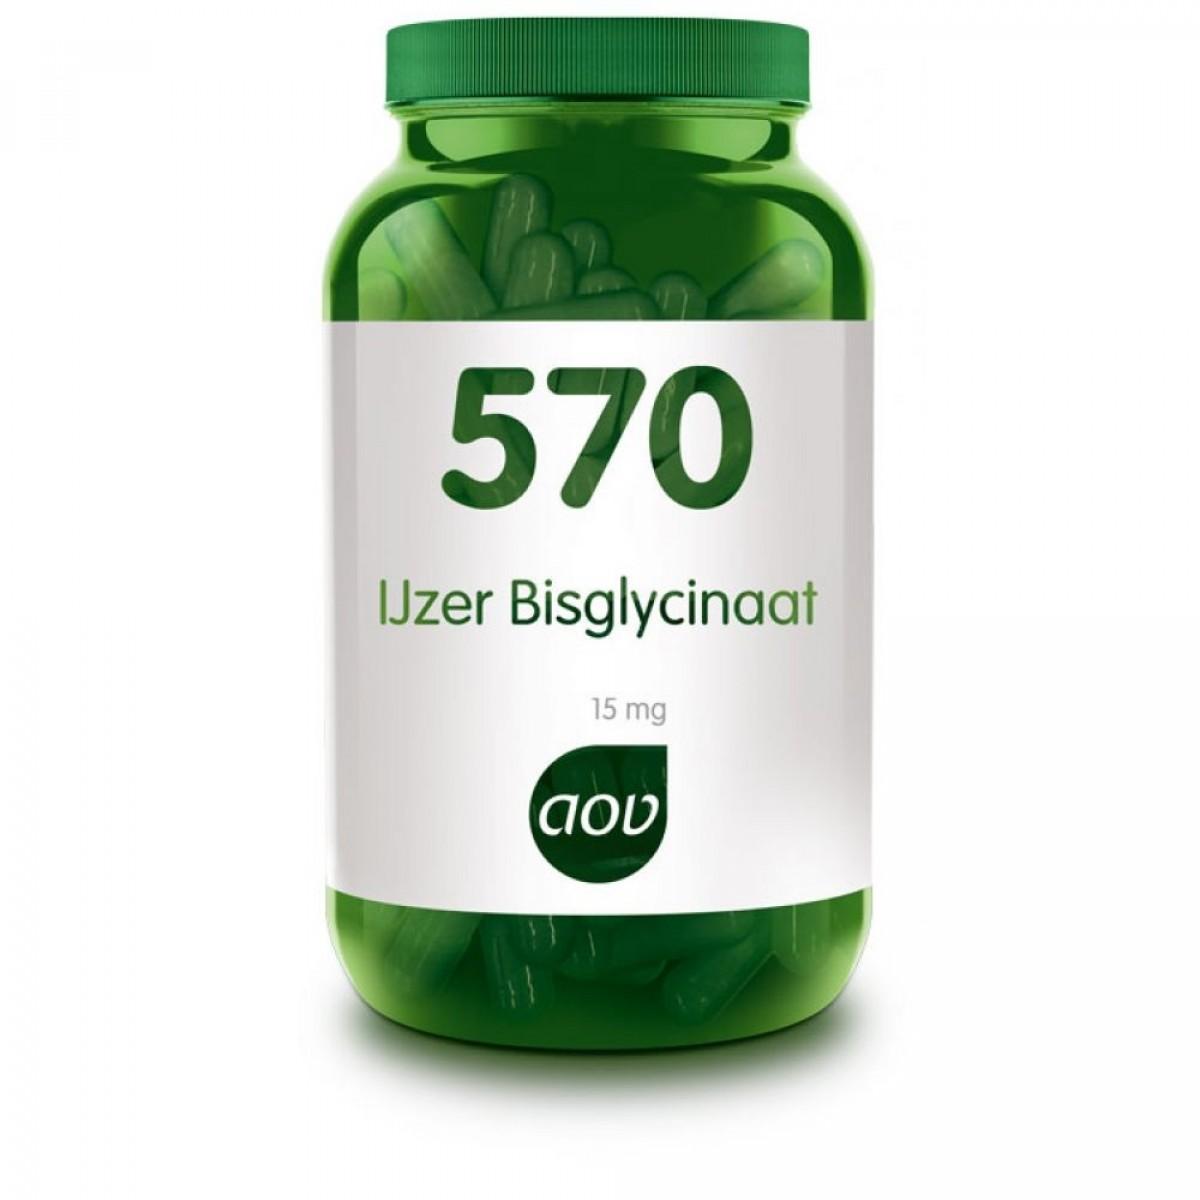 570 IJzer Bisglycinaat